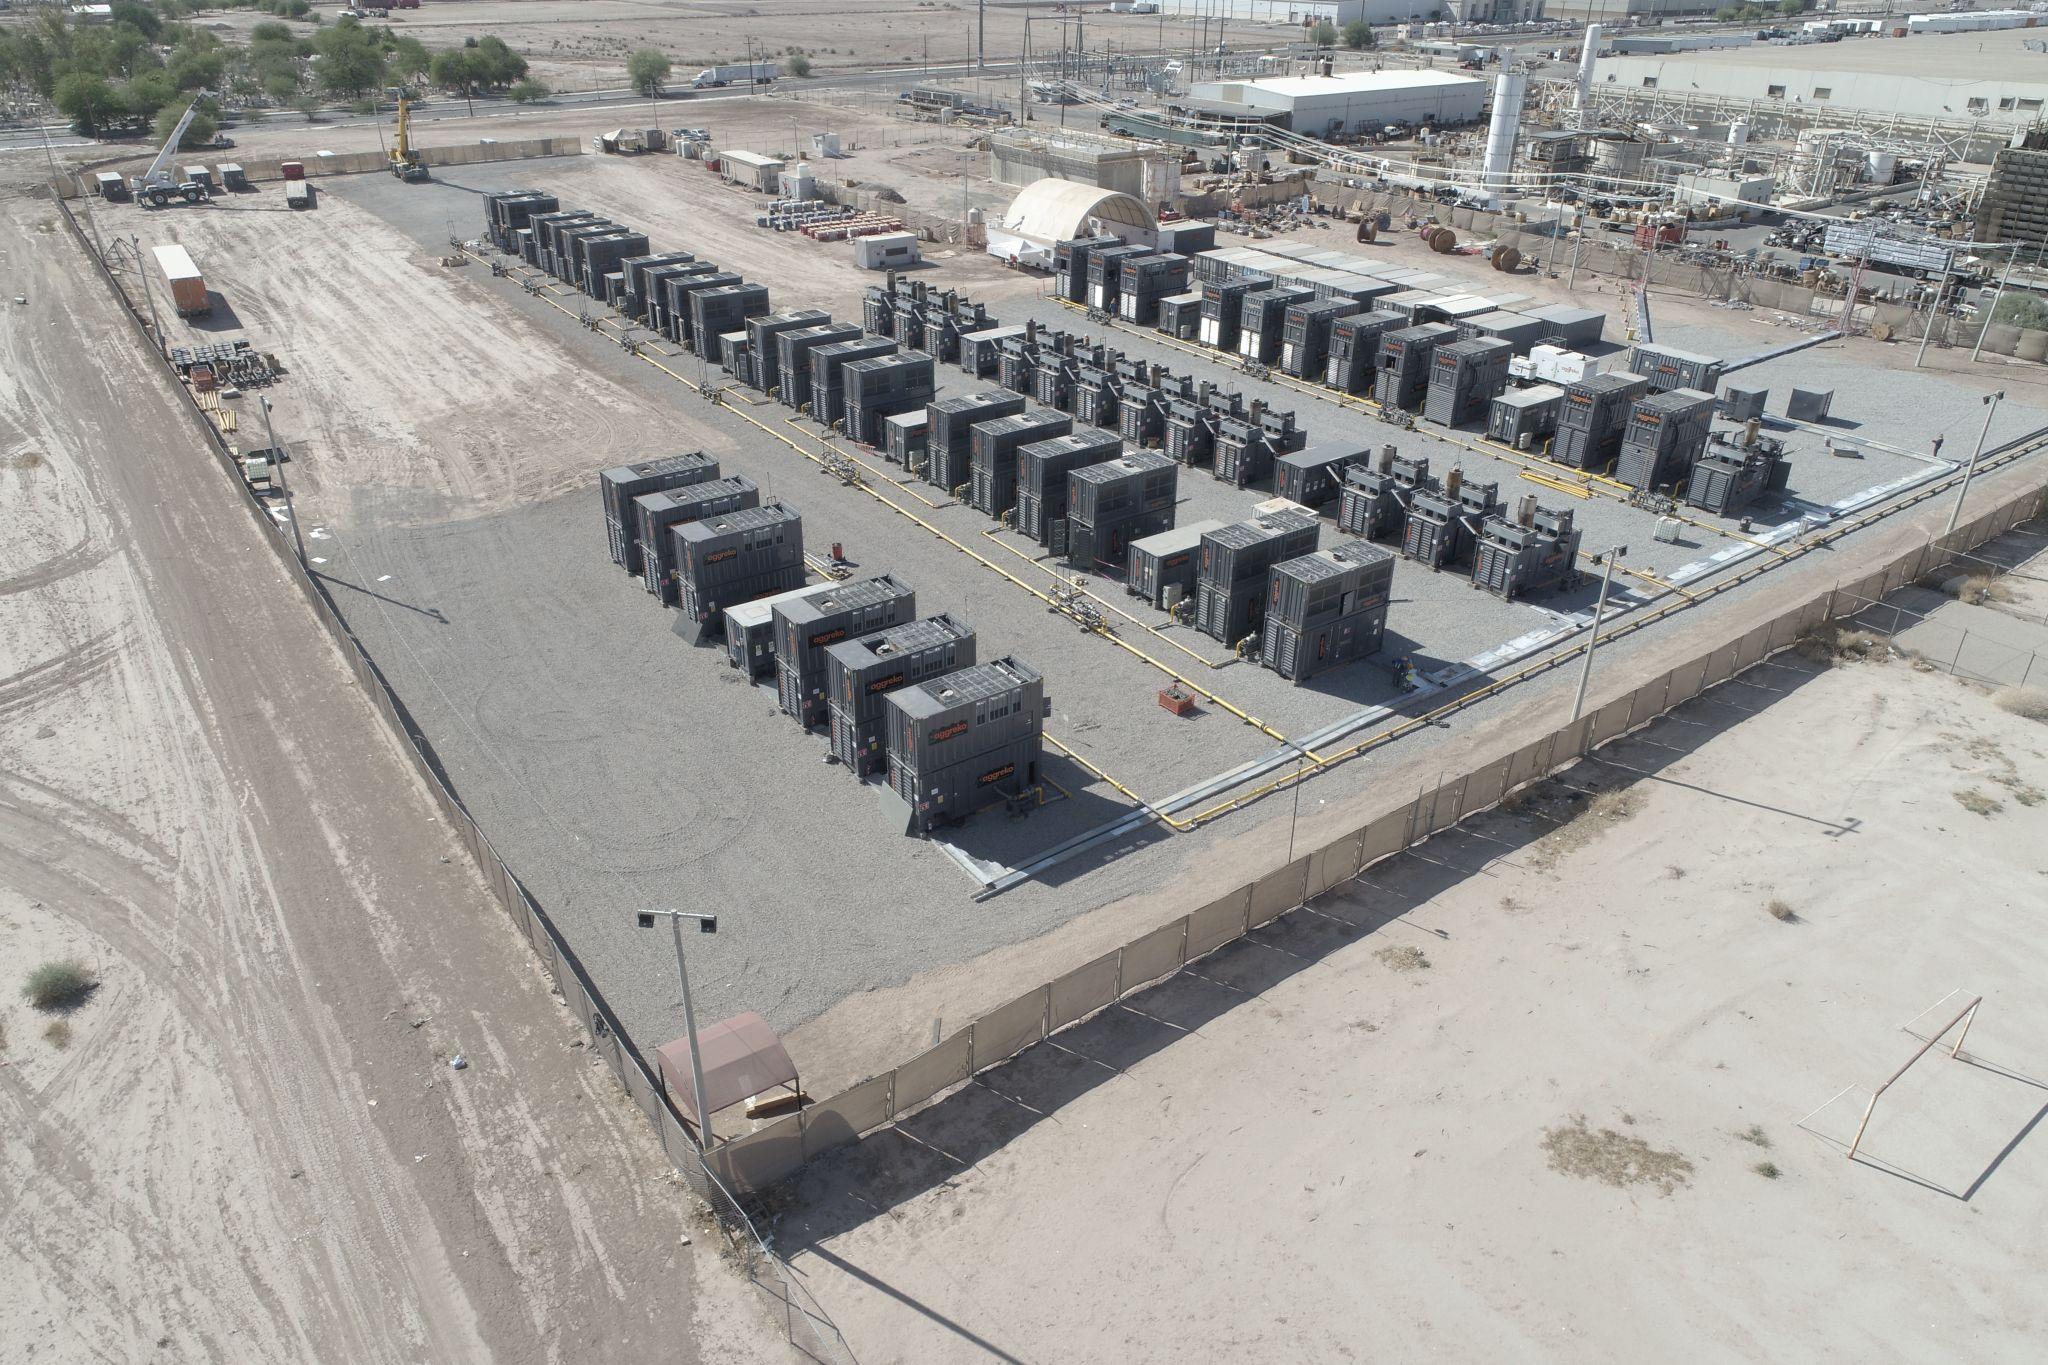 ESCO participa en Protocolo Correctivo, con una generación 40 MW  Te compartimos algunas fotografías de nuestro sitio de generación en #Mexicali #bajacalifornia  Para aprender más de protocolo correctivo, visita el siguiente articulo: https://lnkd.in/g2wGNZw